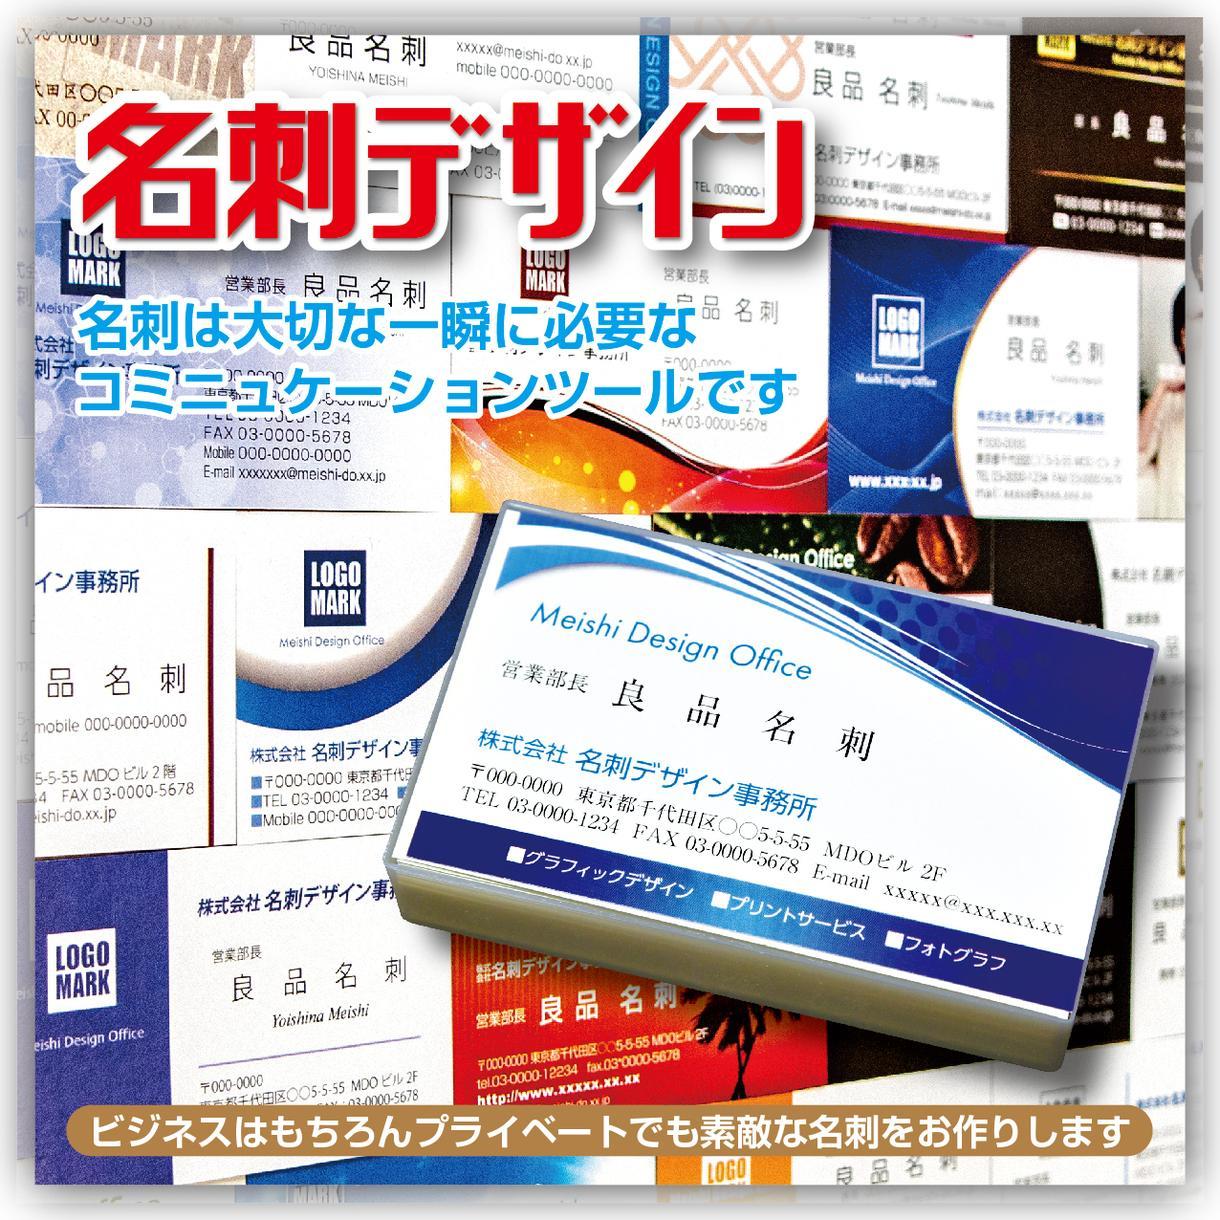 良質な名刺デザイン 5000円で承ります 様々なビジネスシーンに大切なコミニュケーションツール